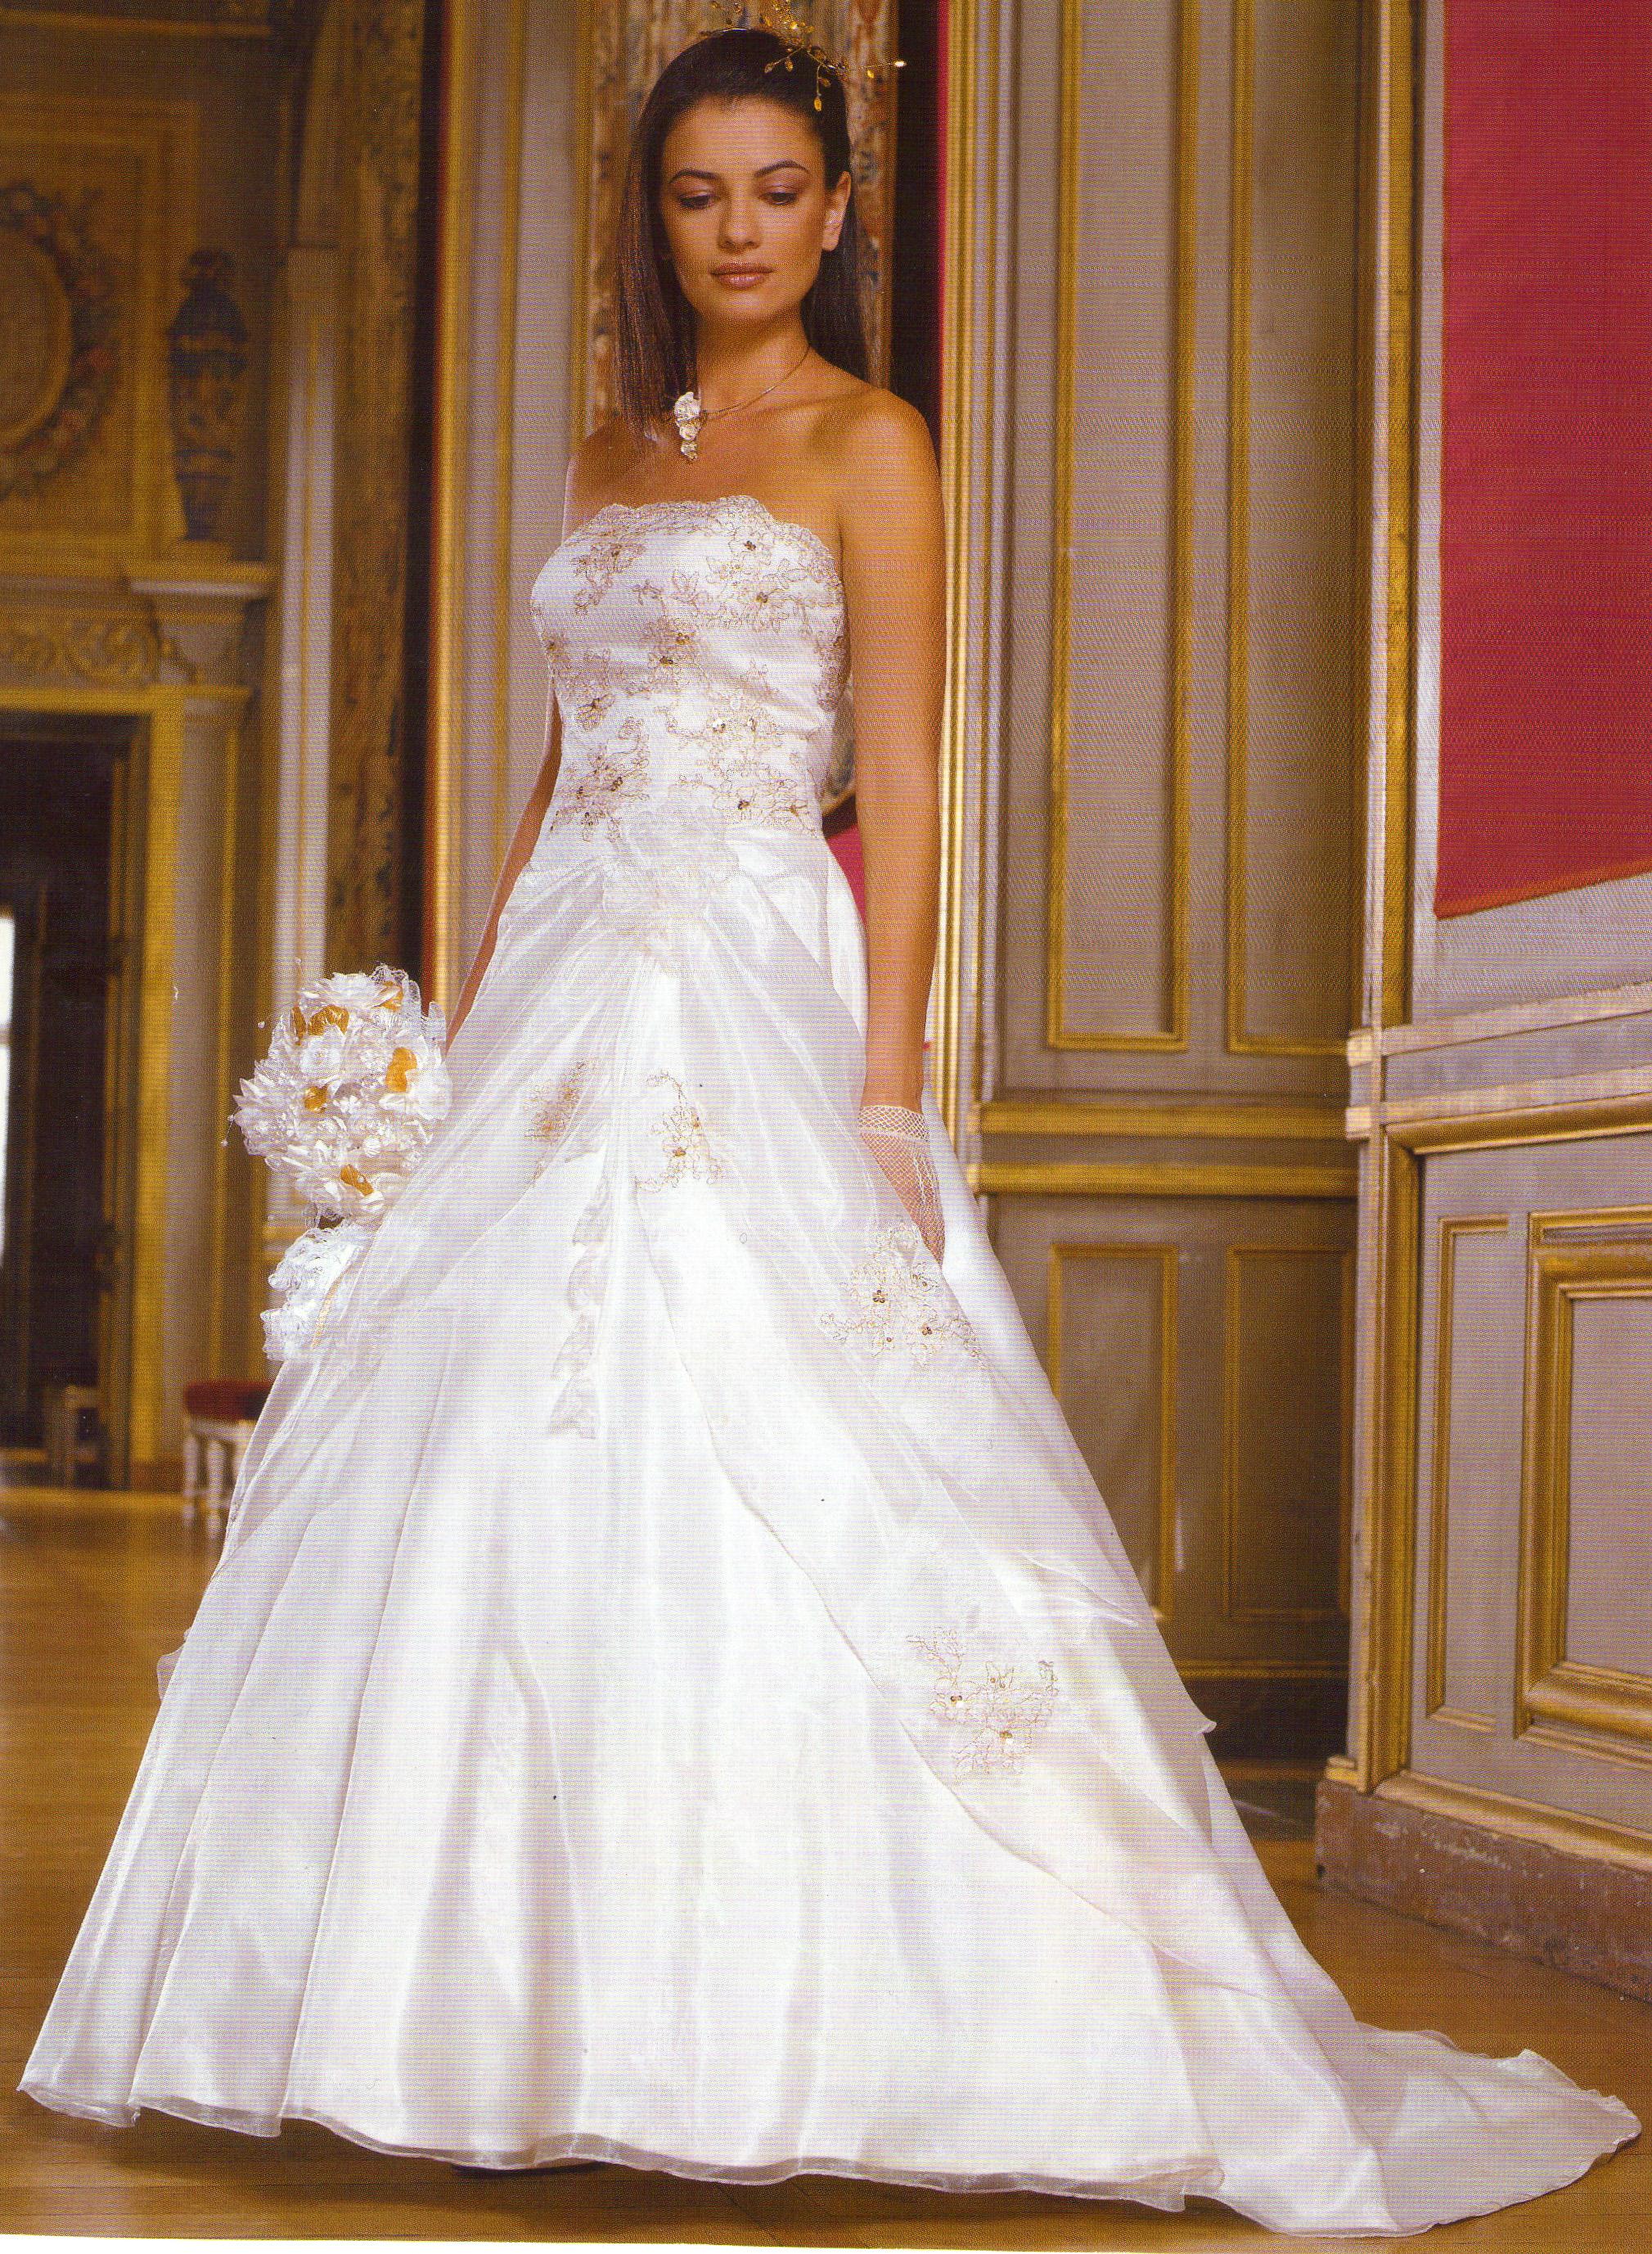 f97e15372f3 Je veux trouver une belle robe de soirée coloré ou élégante pas cher ICI  Robe de mariée 0 ...